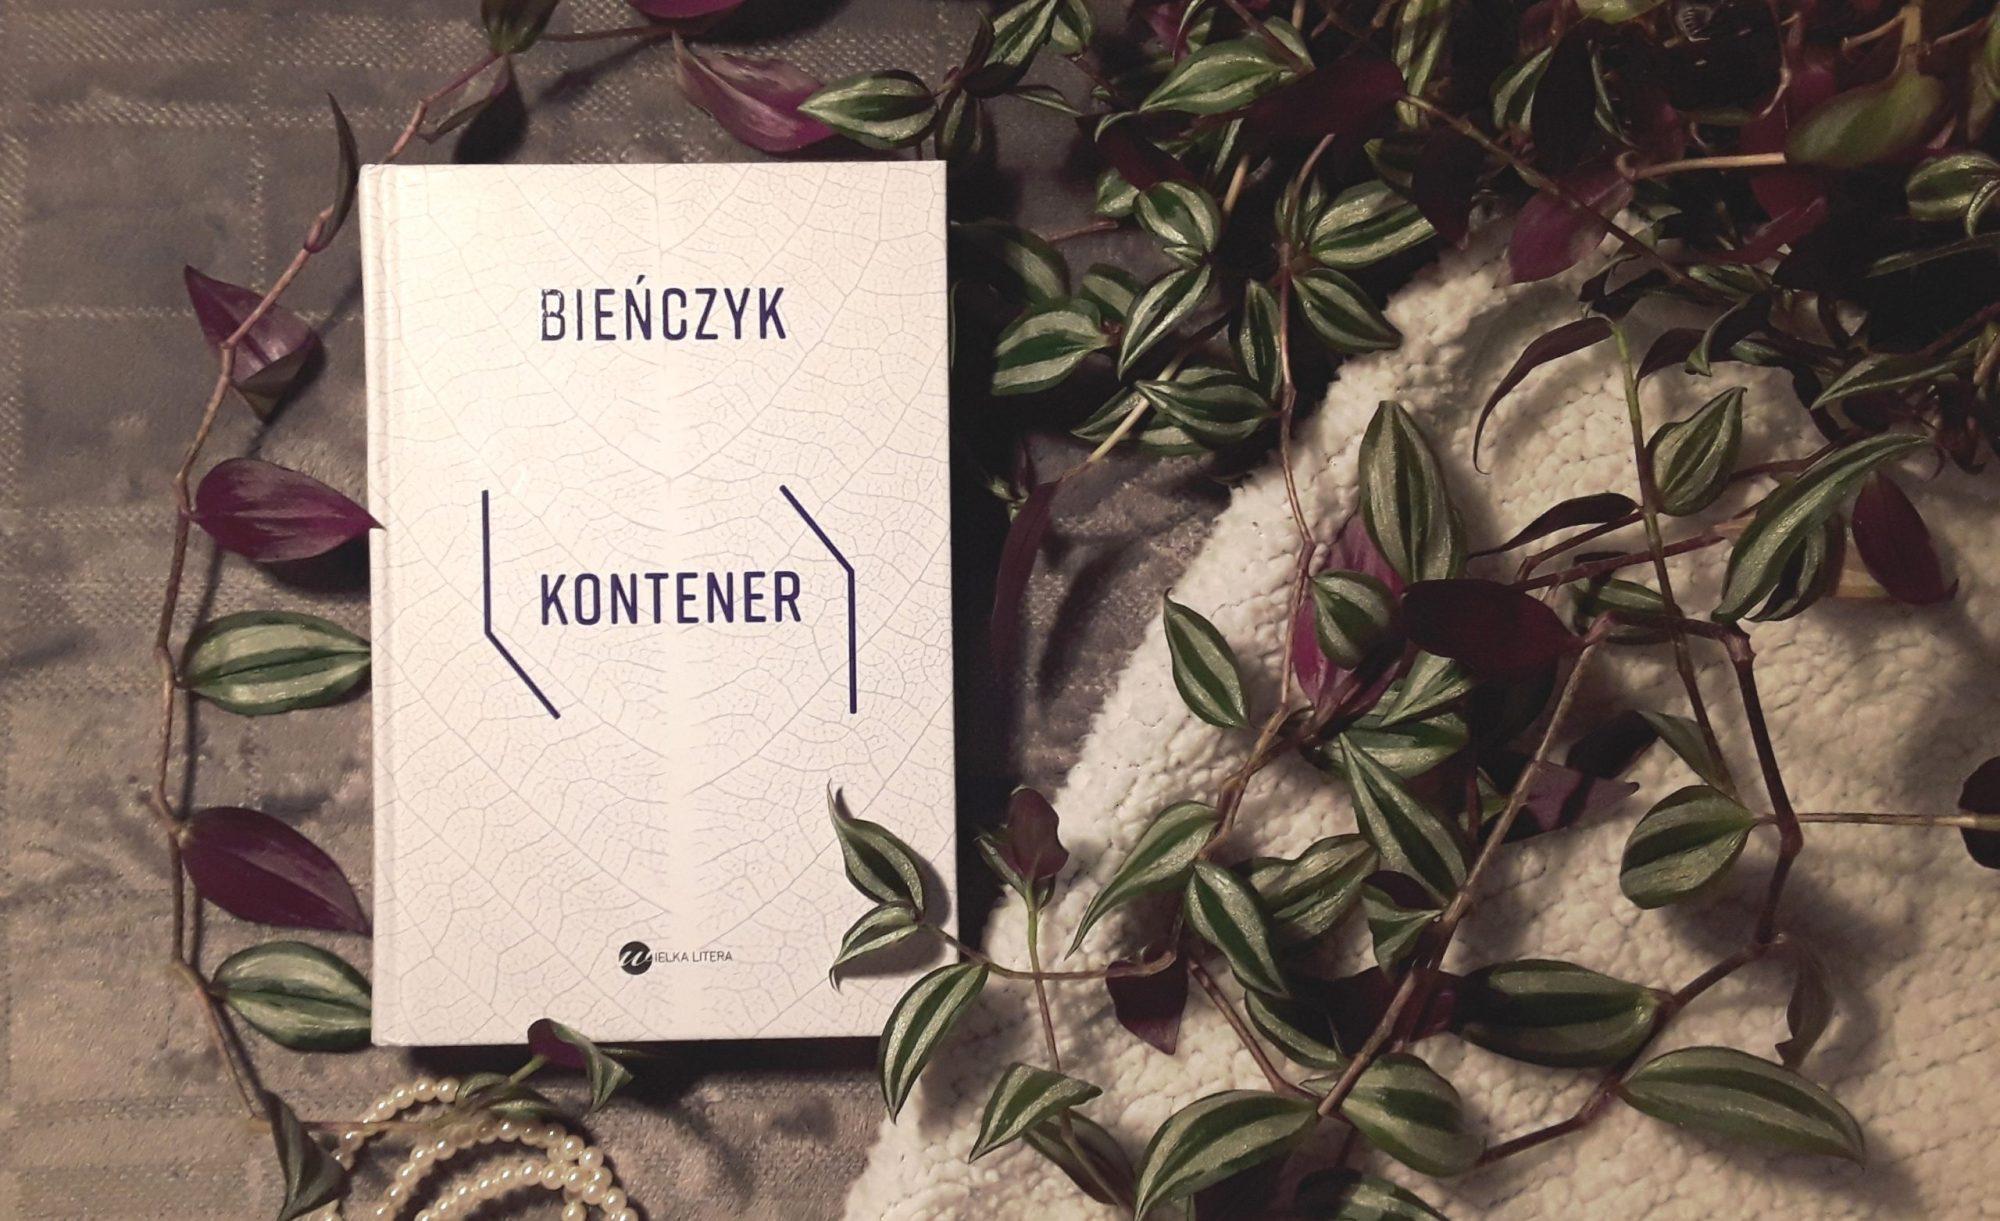 """Otym, co się pojawia, kiedy ktoś niknie – Marek Bieńczyk, """"Kontener"""" [książka]"""